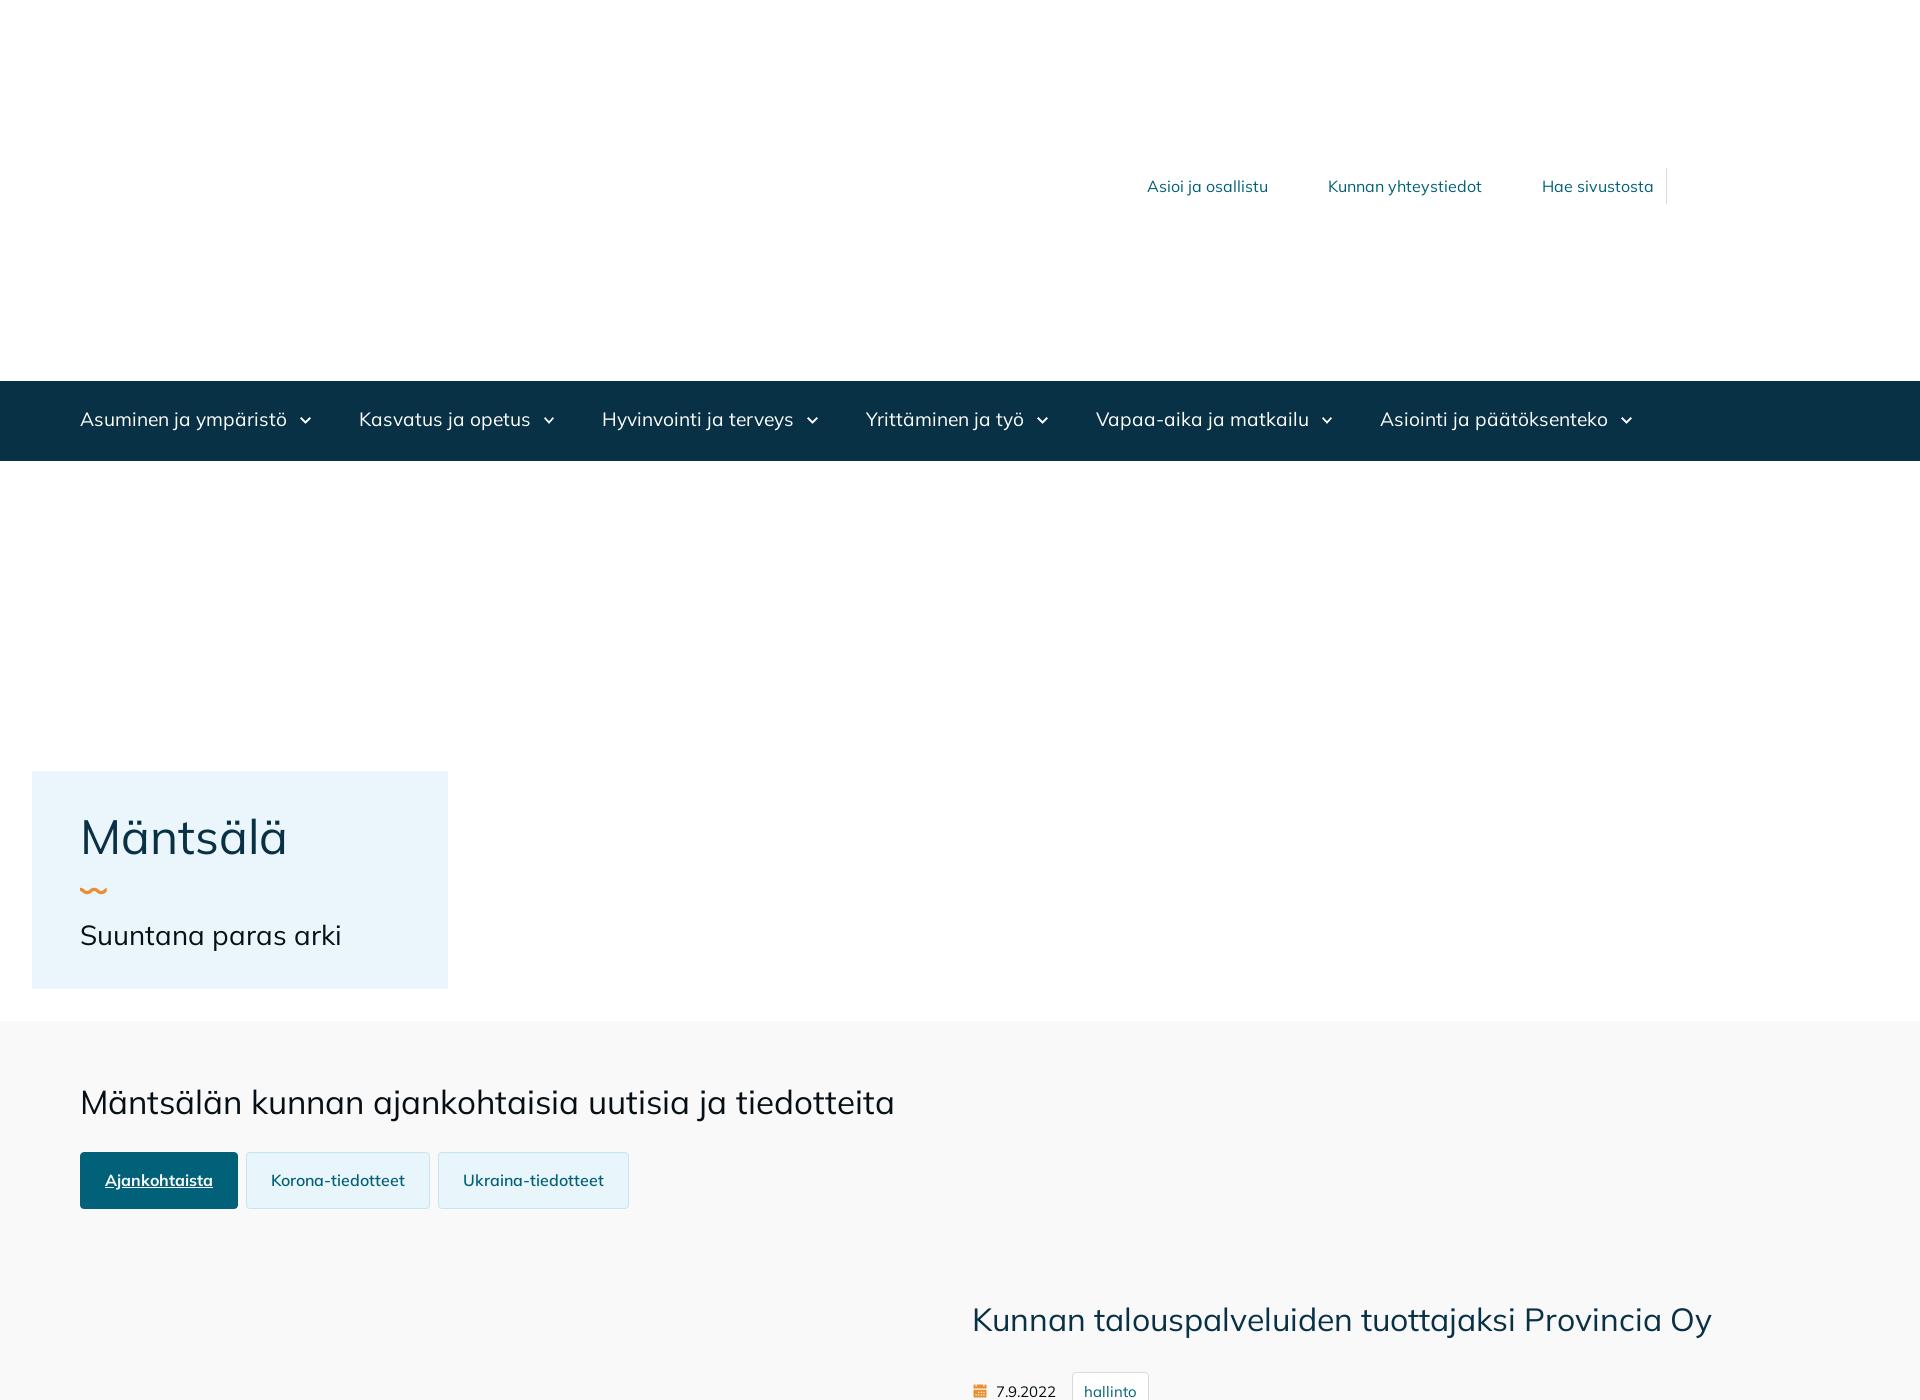 Screenshot for mantsala.fi